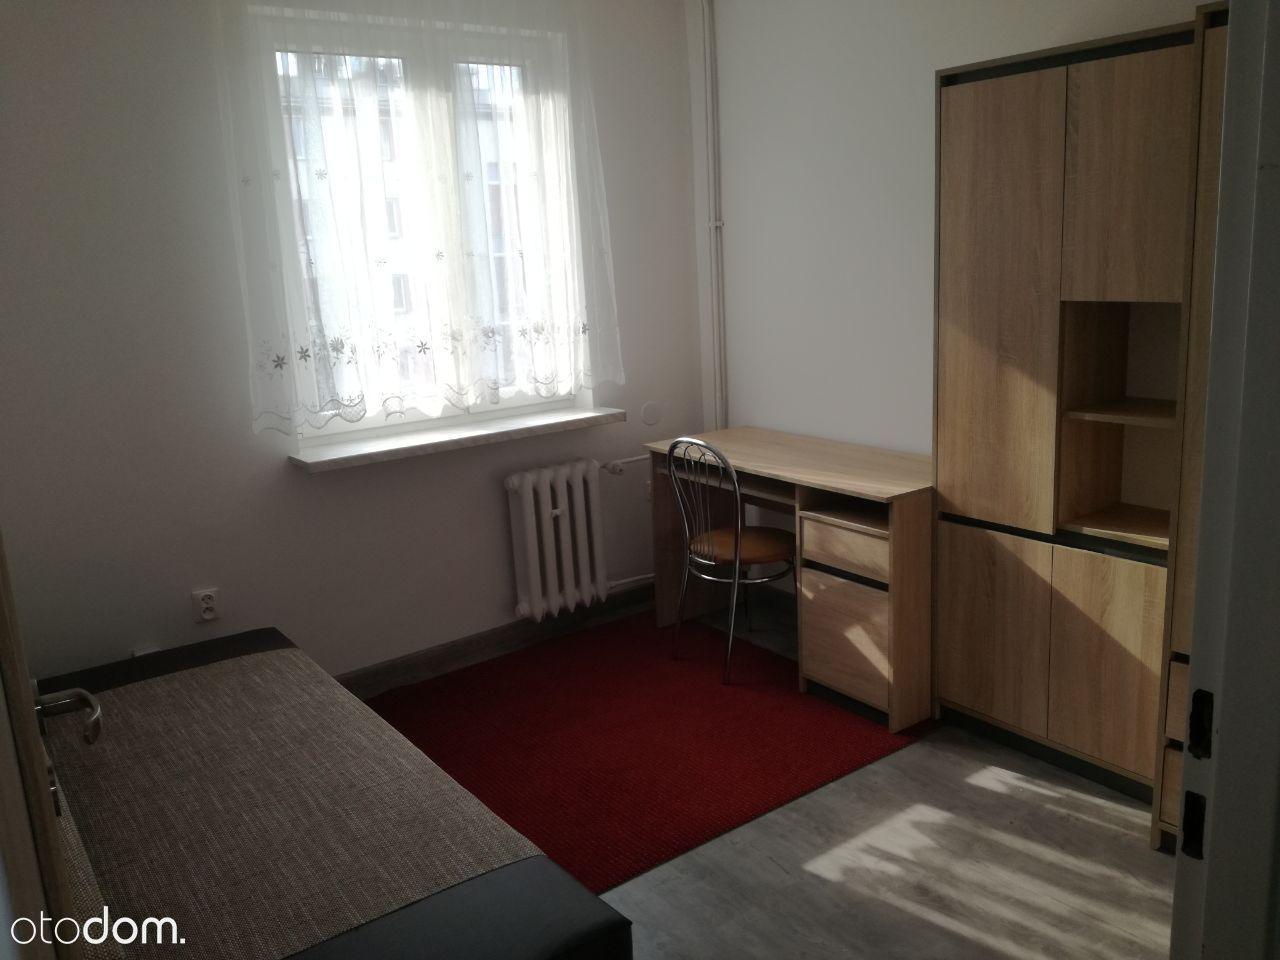 Mieszkanie w idealnej lokalizacji